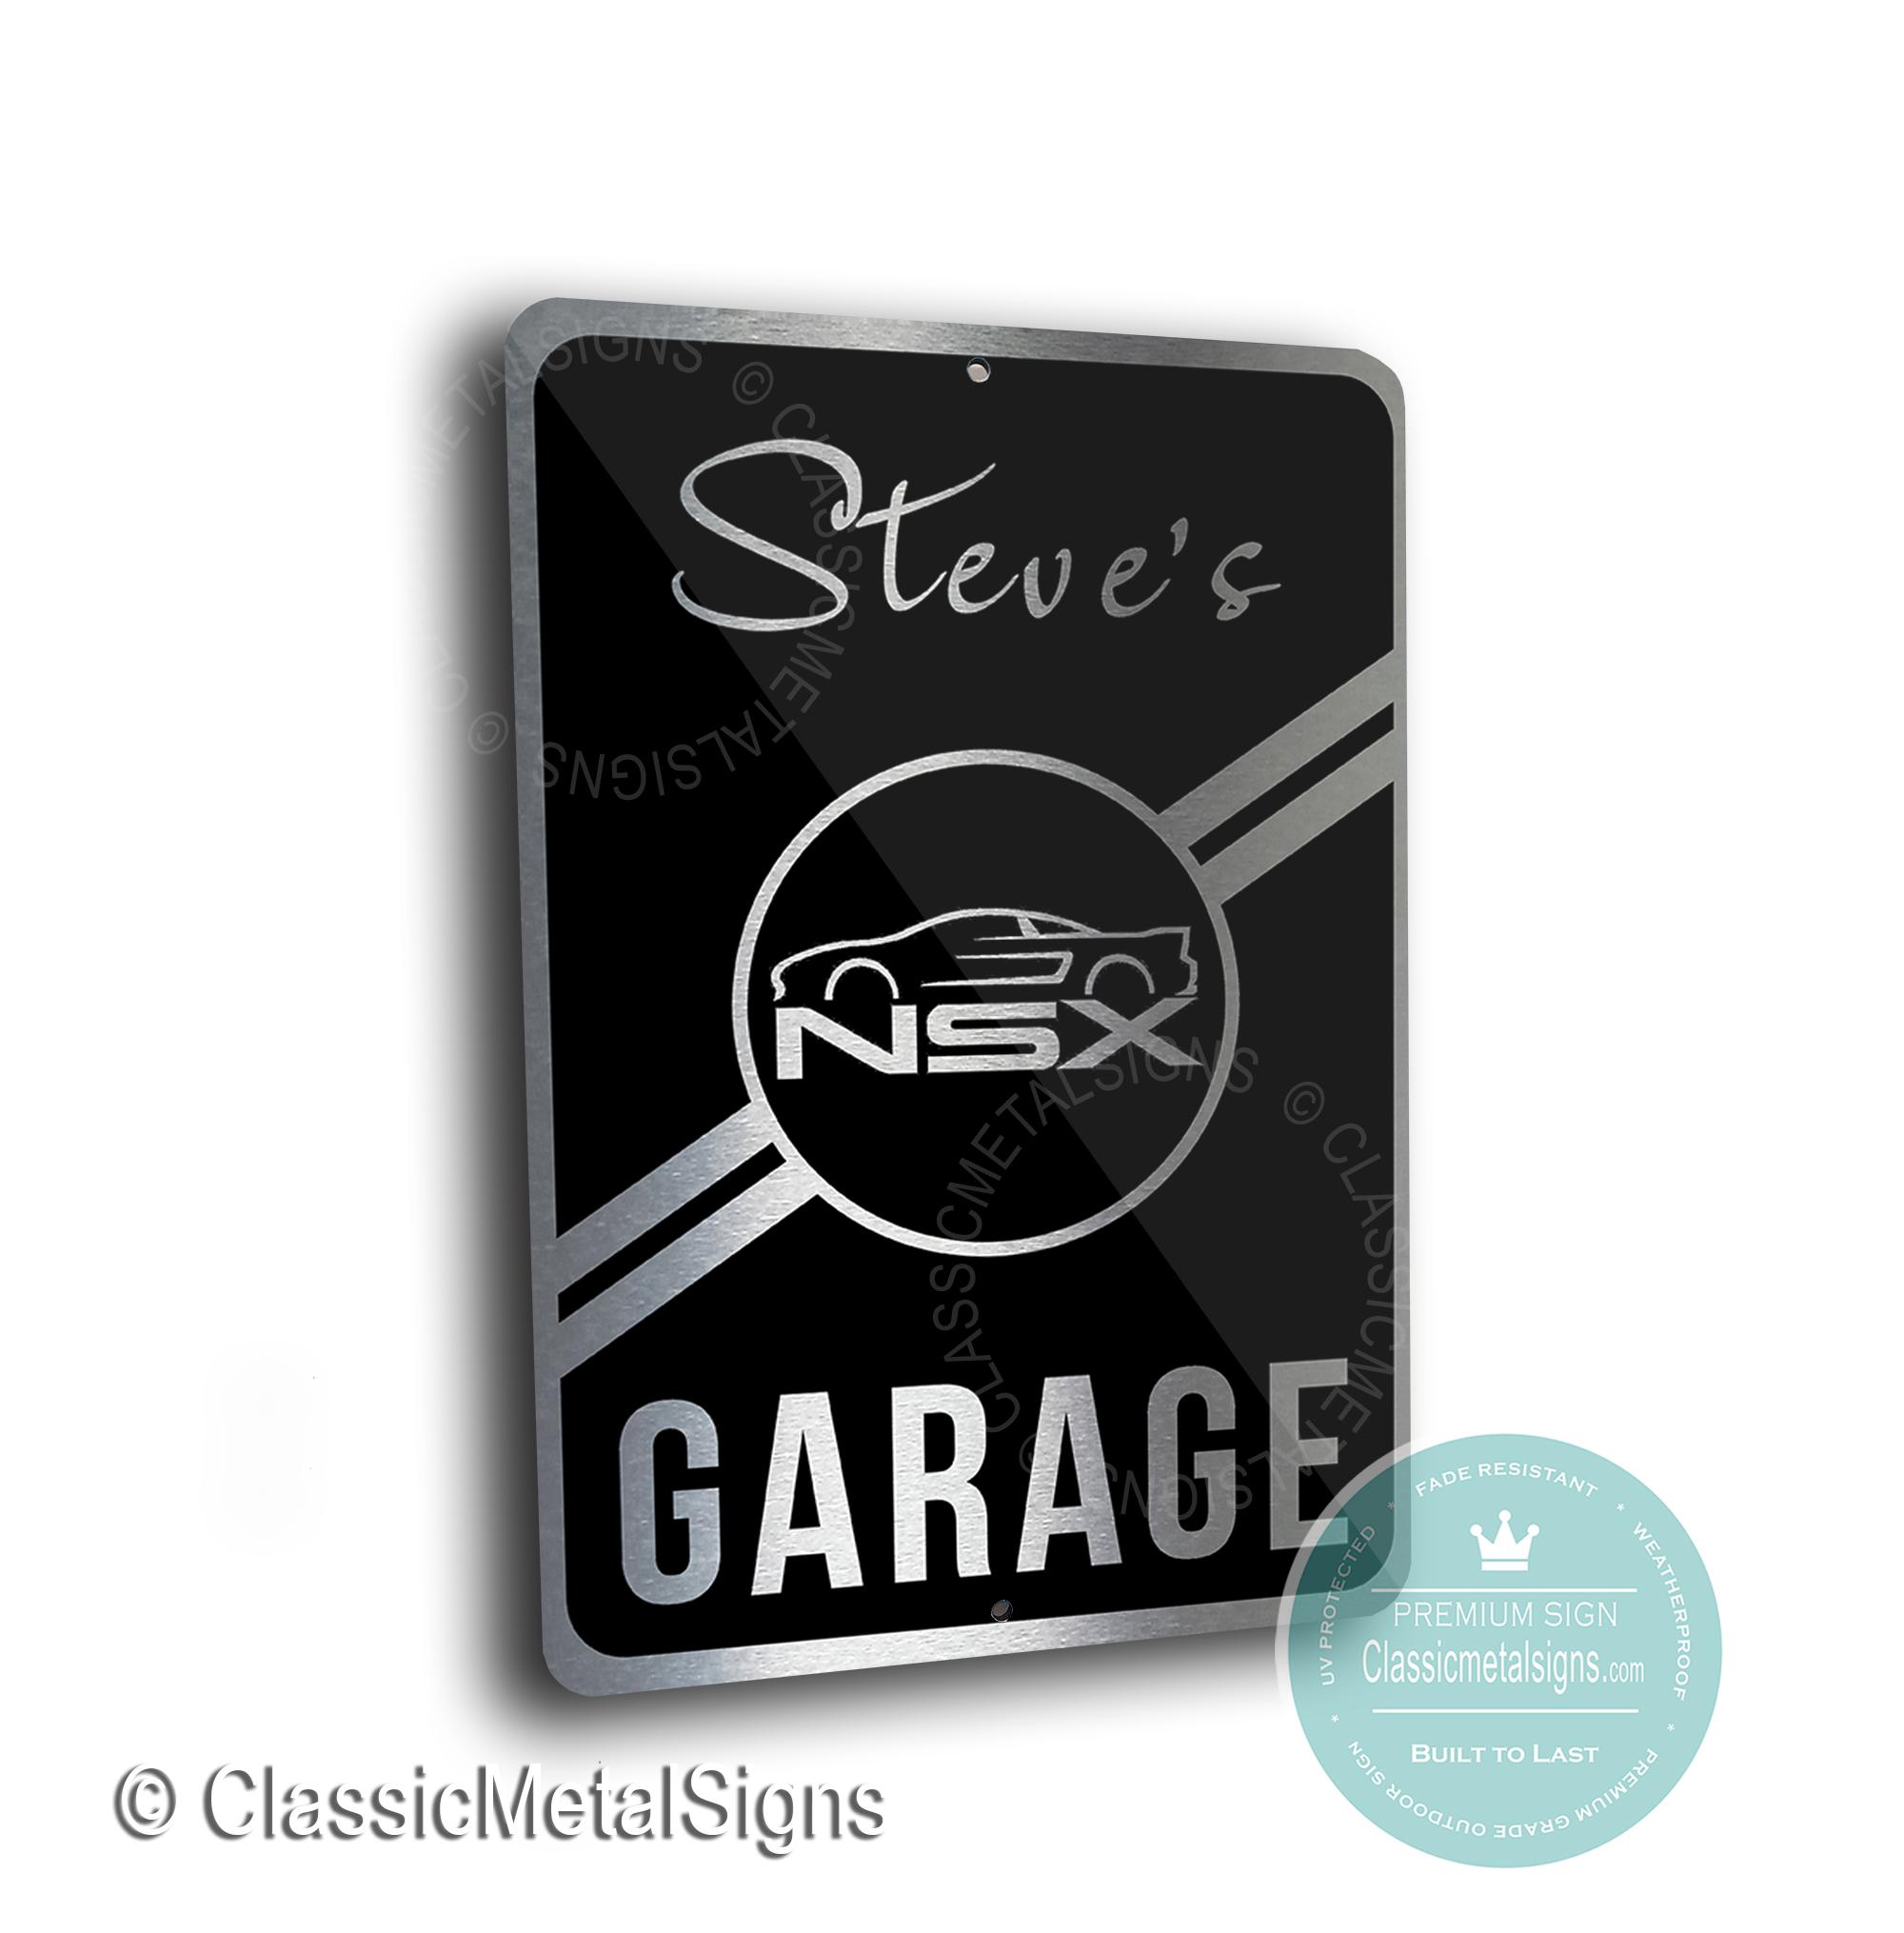 NSX Garage Signs